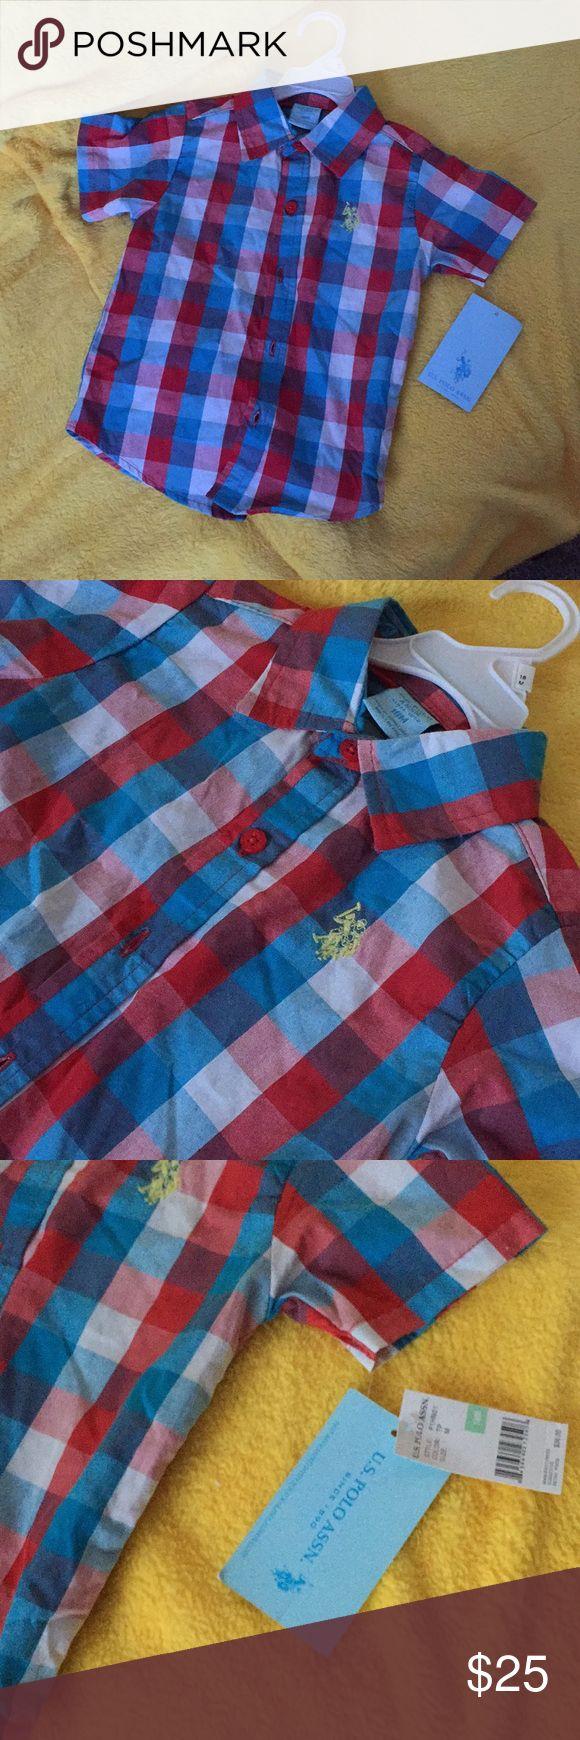 Plaid polo Nwt 18 month U.S. Polo Assn. Shirts & Tops Button Down Shirts